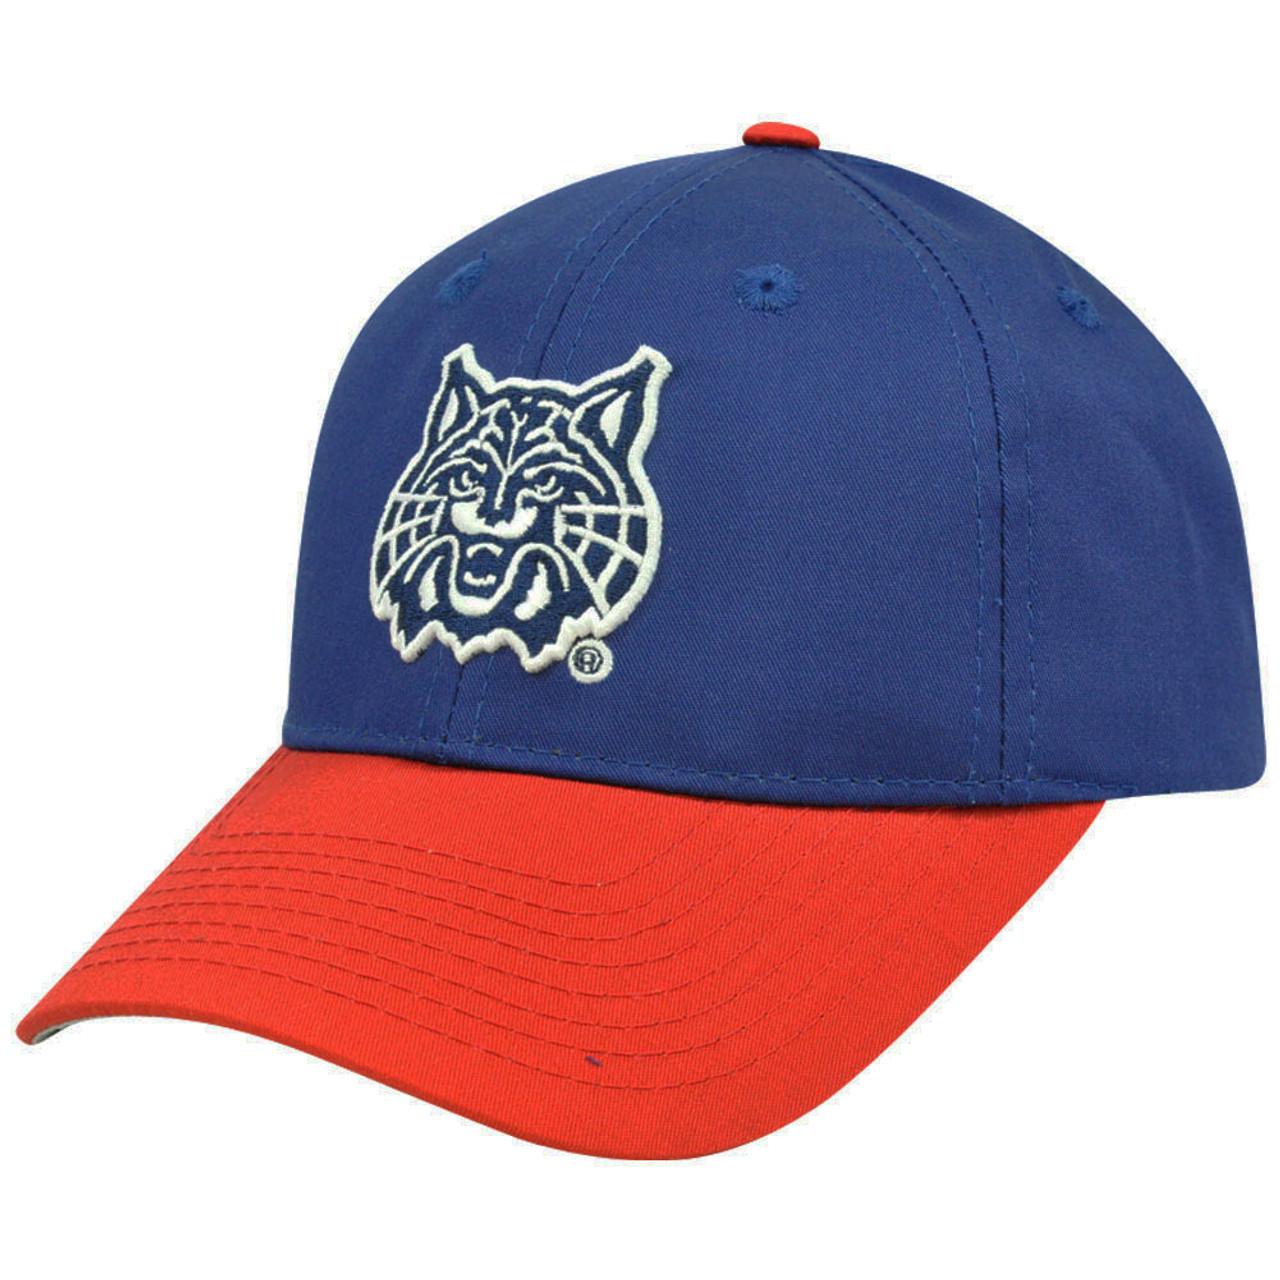 7c8cccb41a2 NCAA Arizona Wildcats Mascot Logo Youth Kids Velcro Adjustable Construct Hat  Cap - Cap Store Online.com